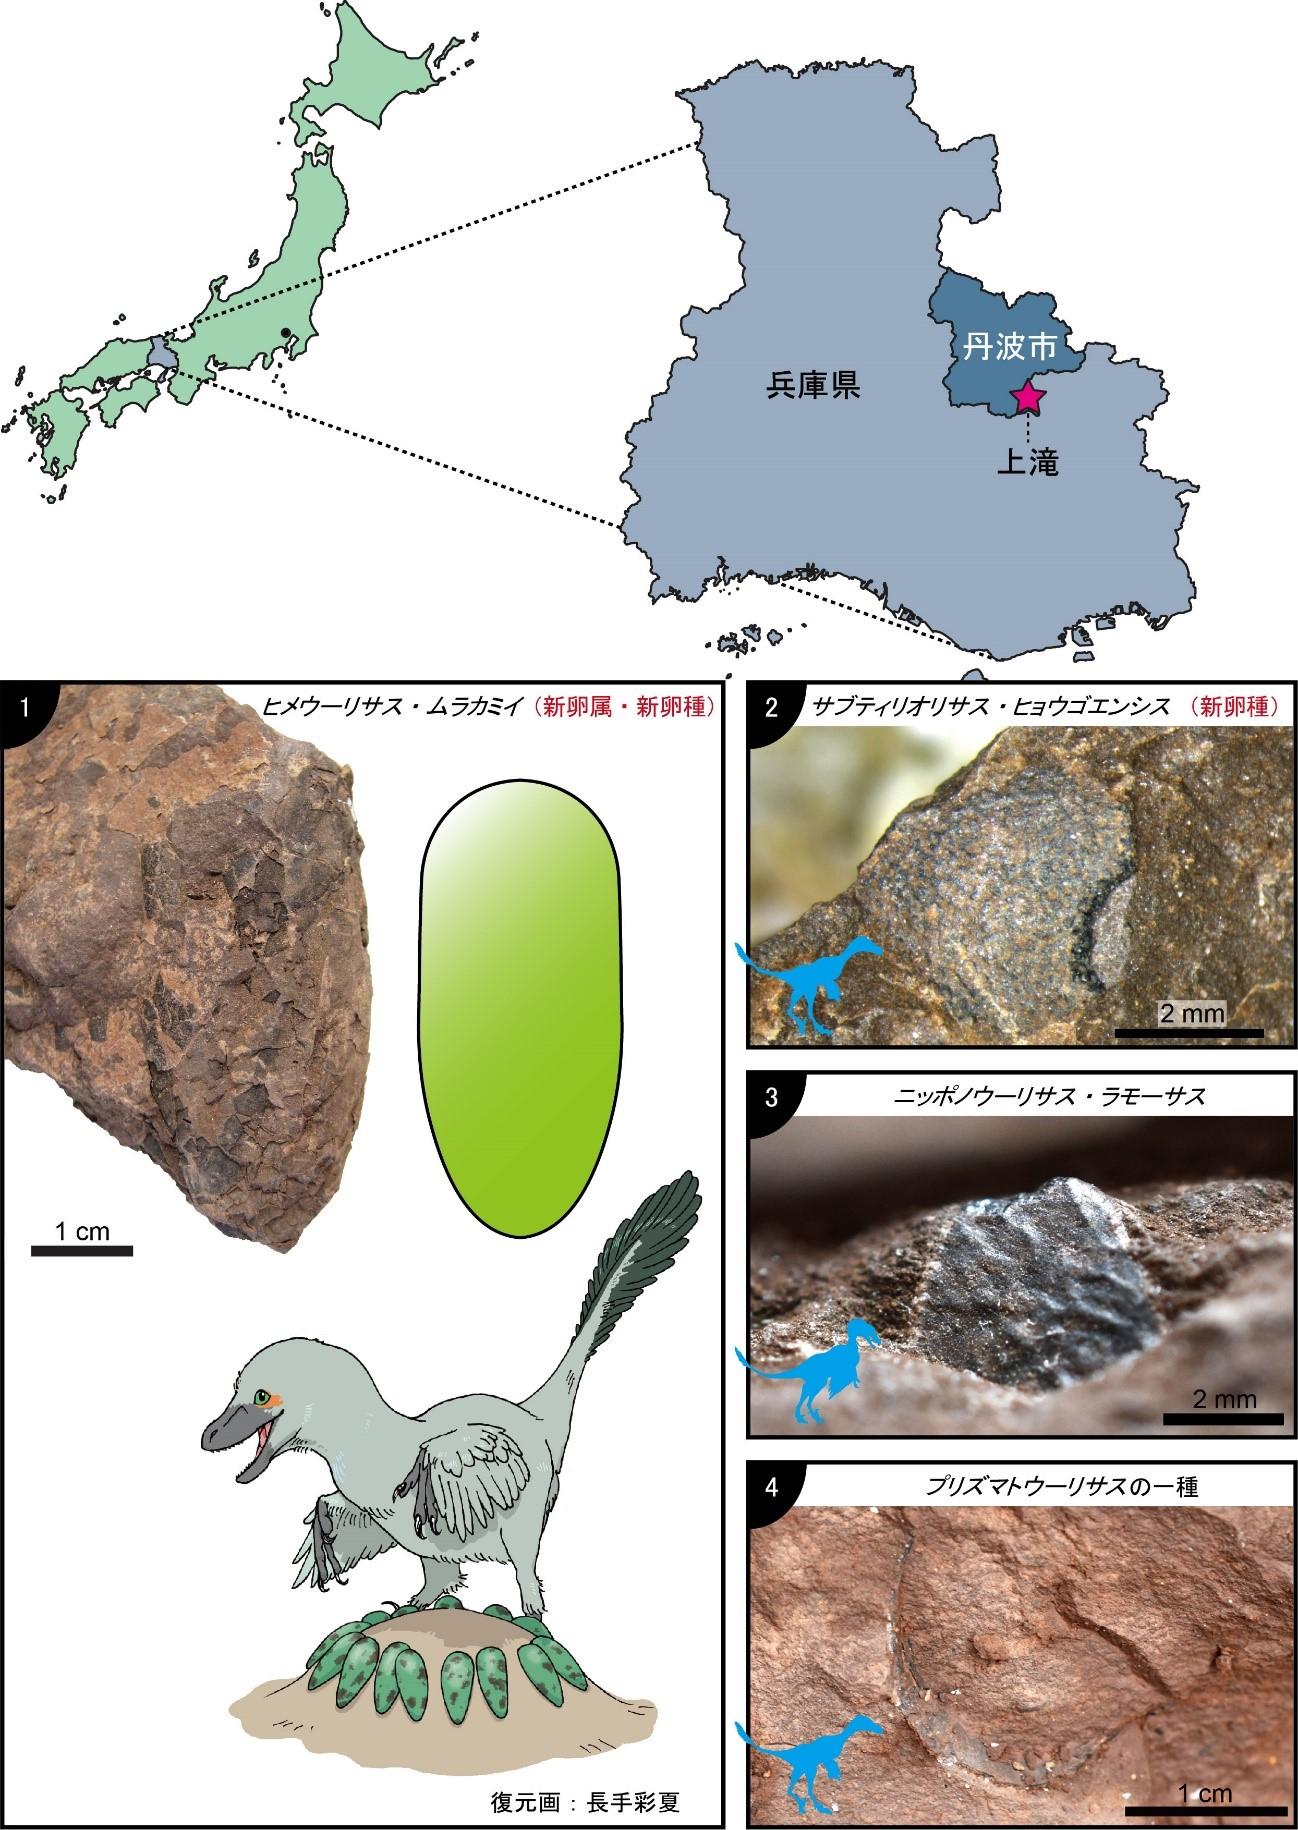 兵庫県丹波市上滝において、新しい層準から4種類の卵殻化石が確認されました。